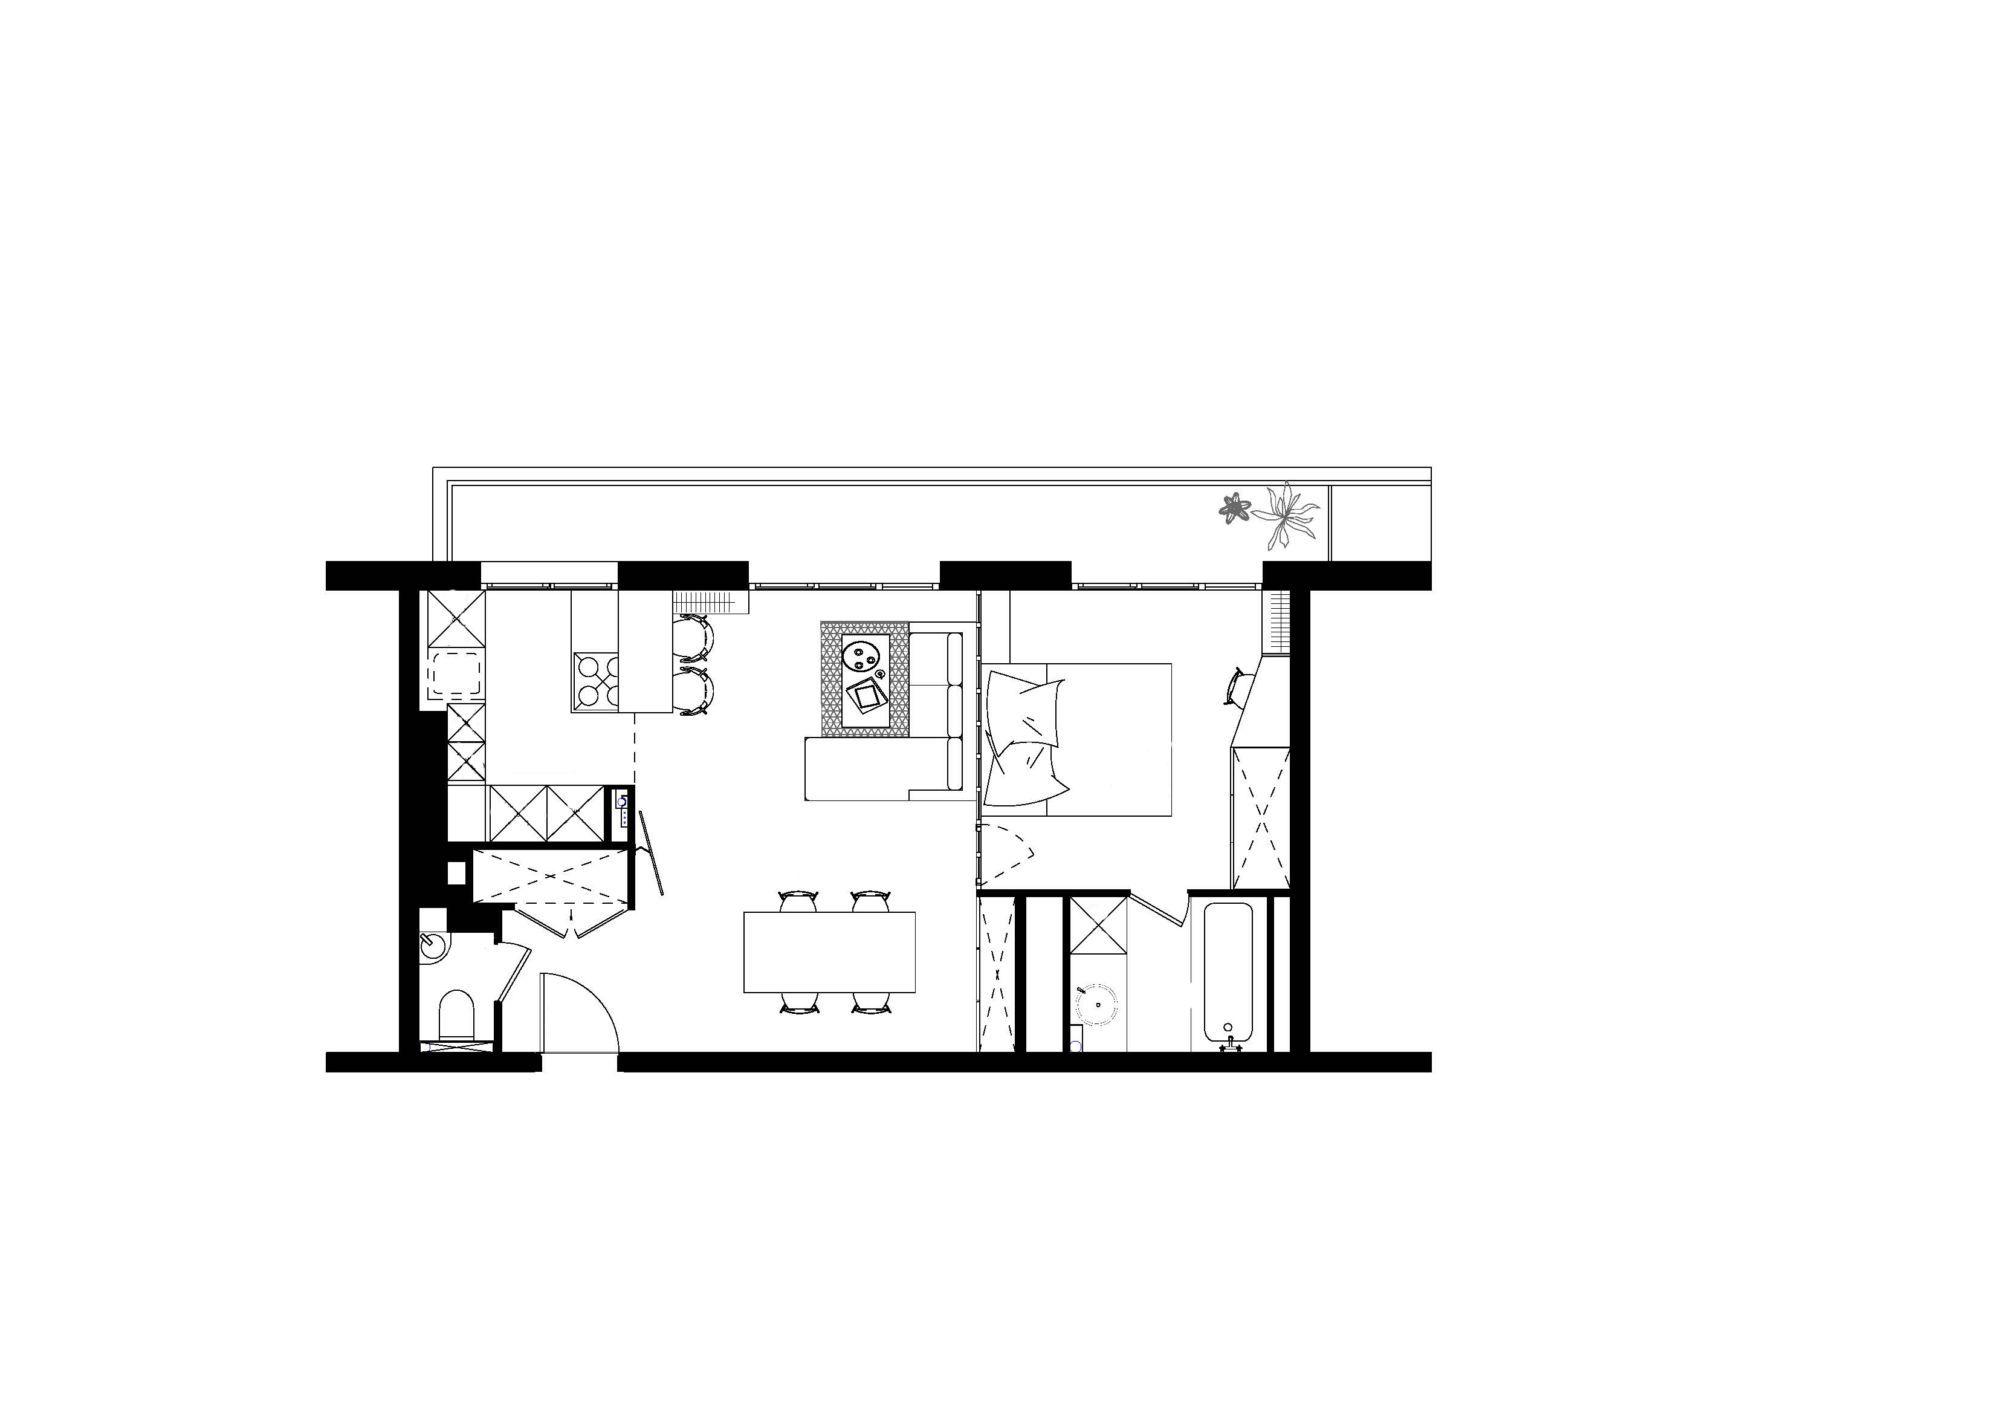 Plan de l'aménagement de l'appartement